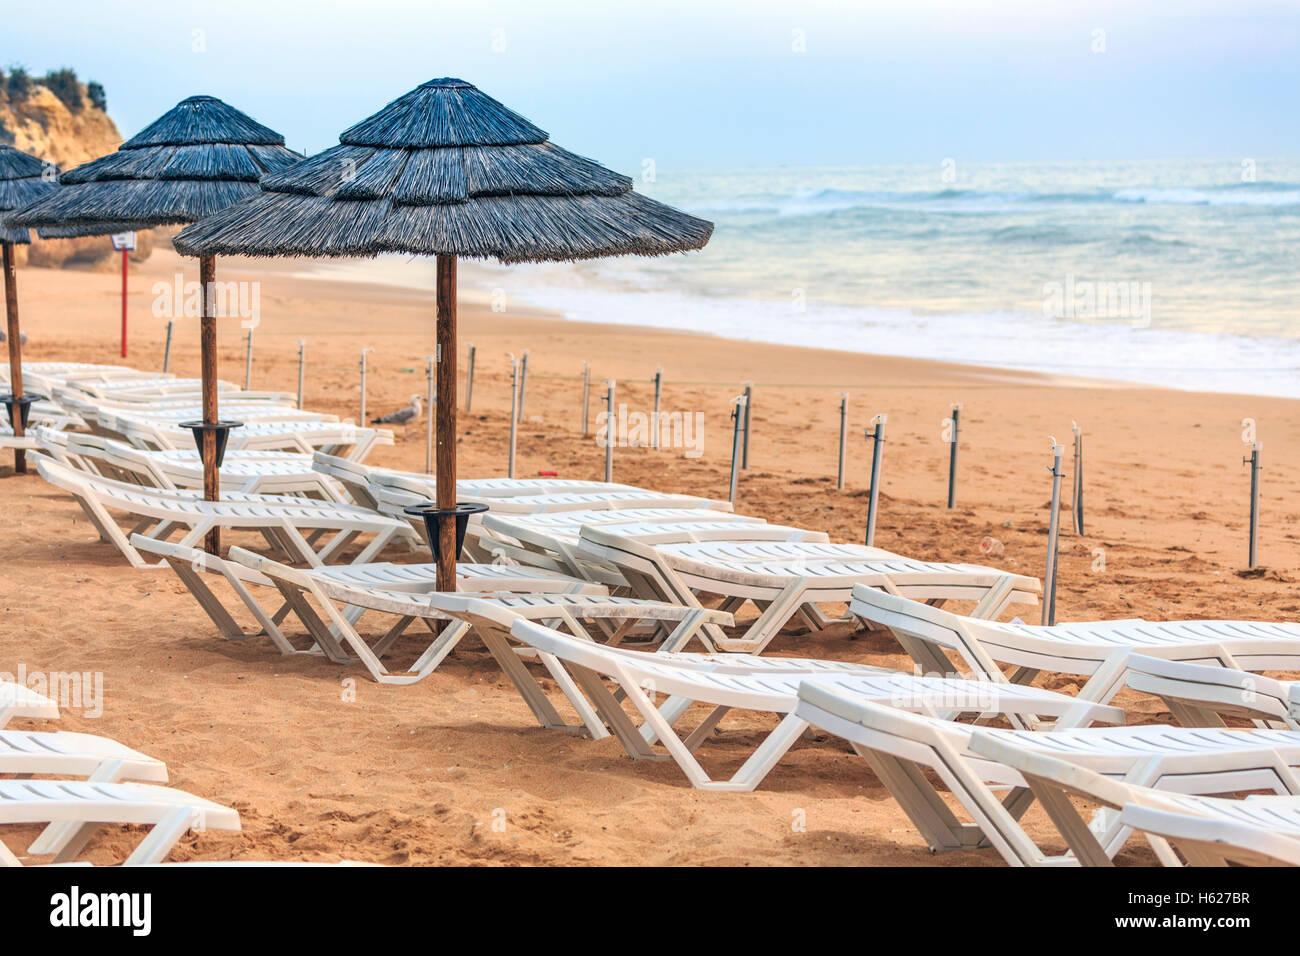 Albufeira Algarve Portugal leer Sonnenschirmen und Stühlen Bett machte das Meer im Hintergrund Abenddämmerung Stockbild